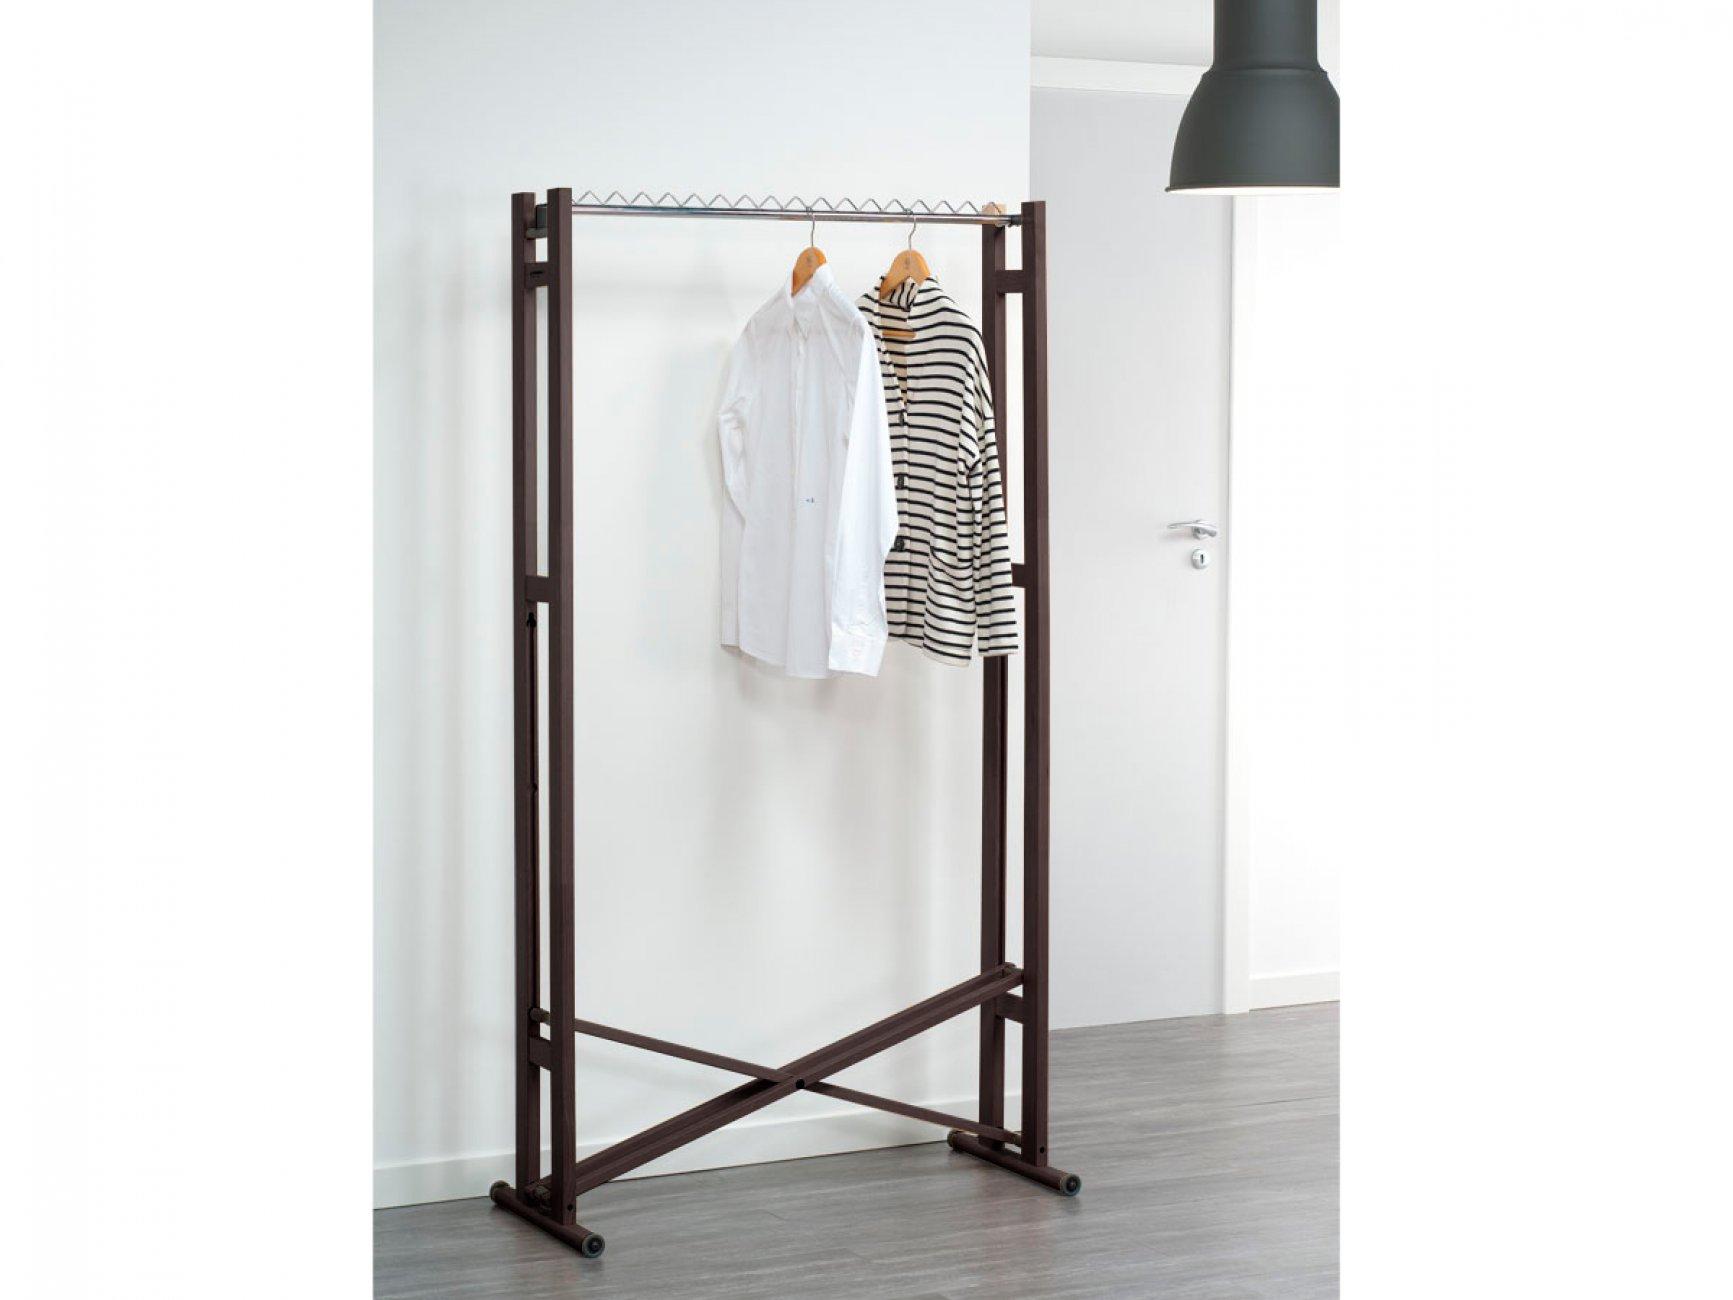 Итальянская вешалка Стойка для одежды Snake 90 Foppapedretti деревянная цвет венге, светлые стены, серый пол, рубашка и кофта висит на вешалке